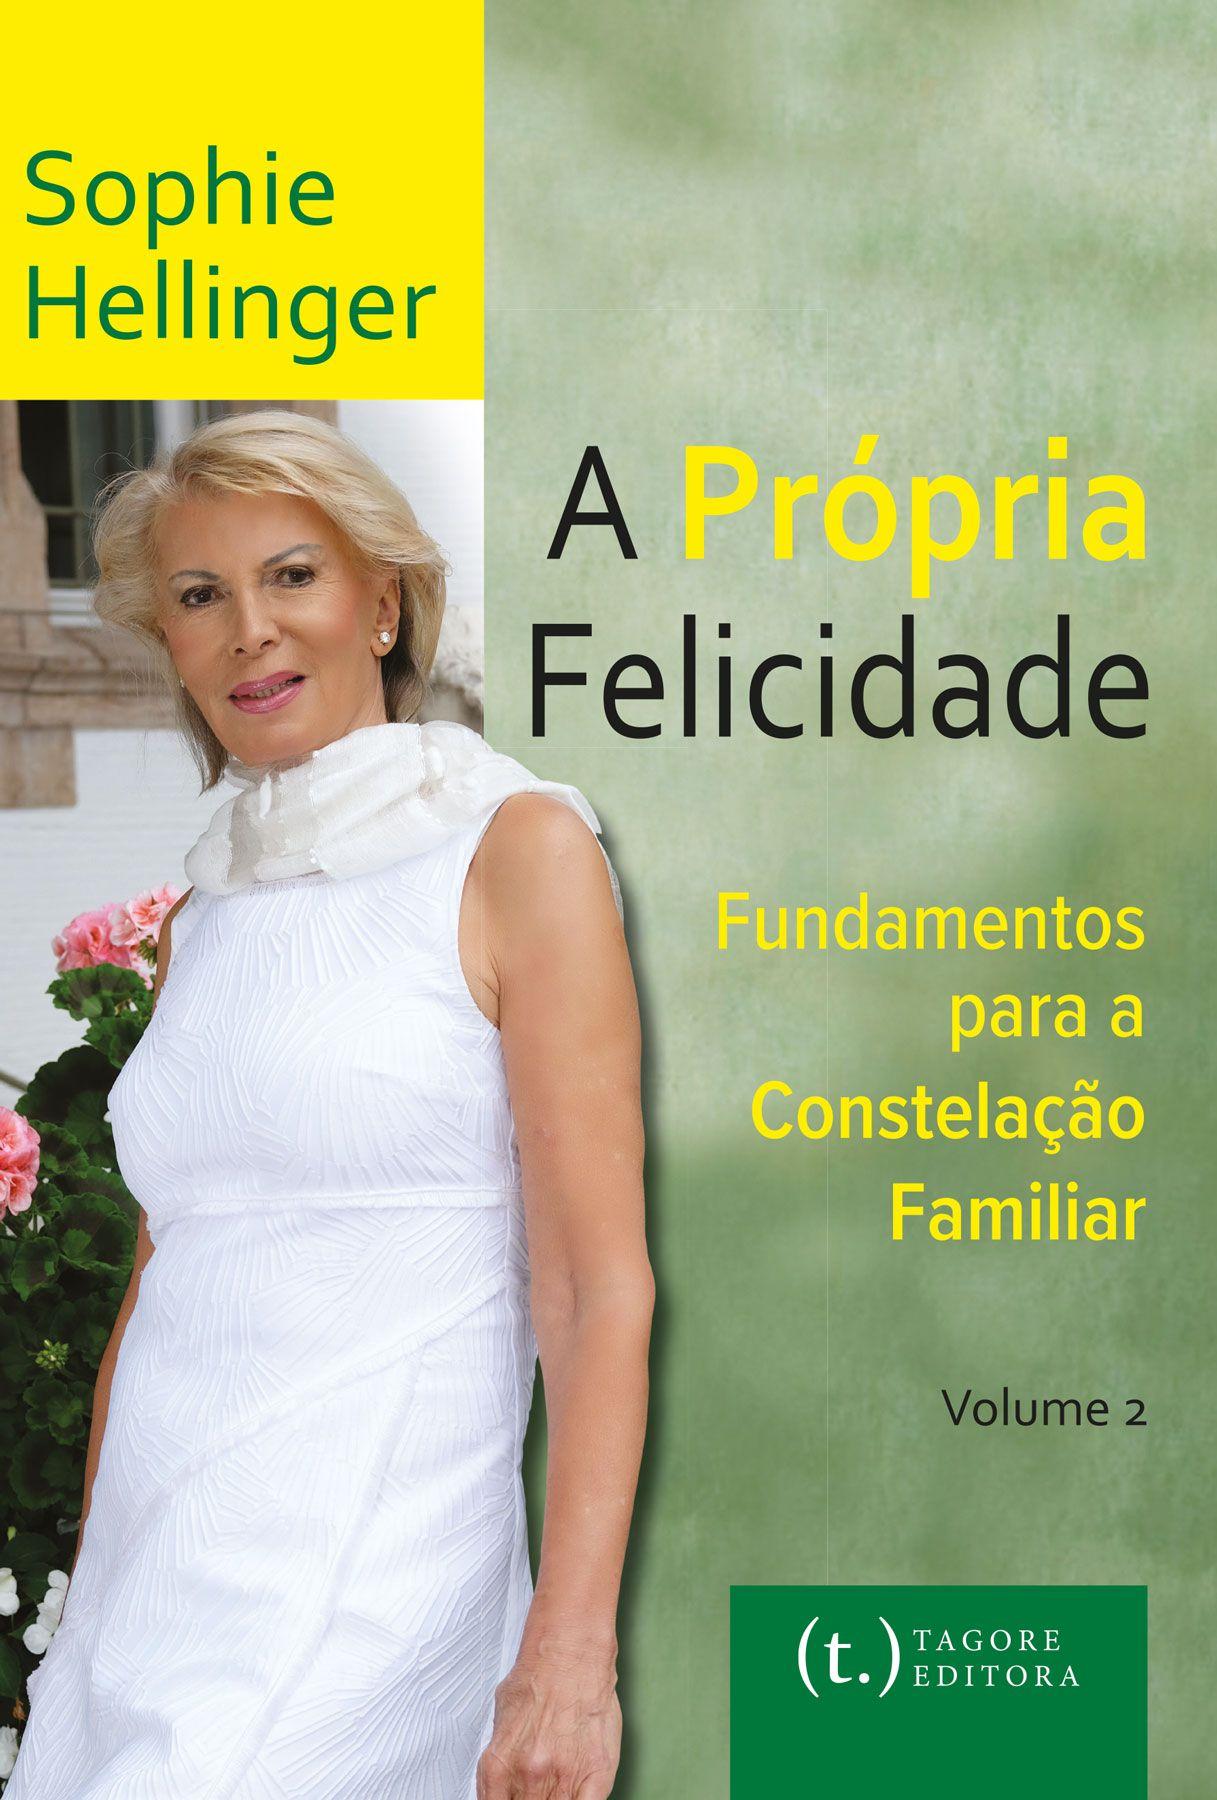 A própria felicidade - volume 2: fundamentos para a Constelação familiar